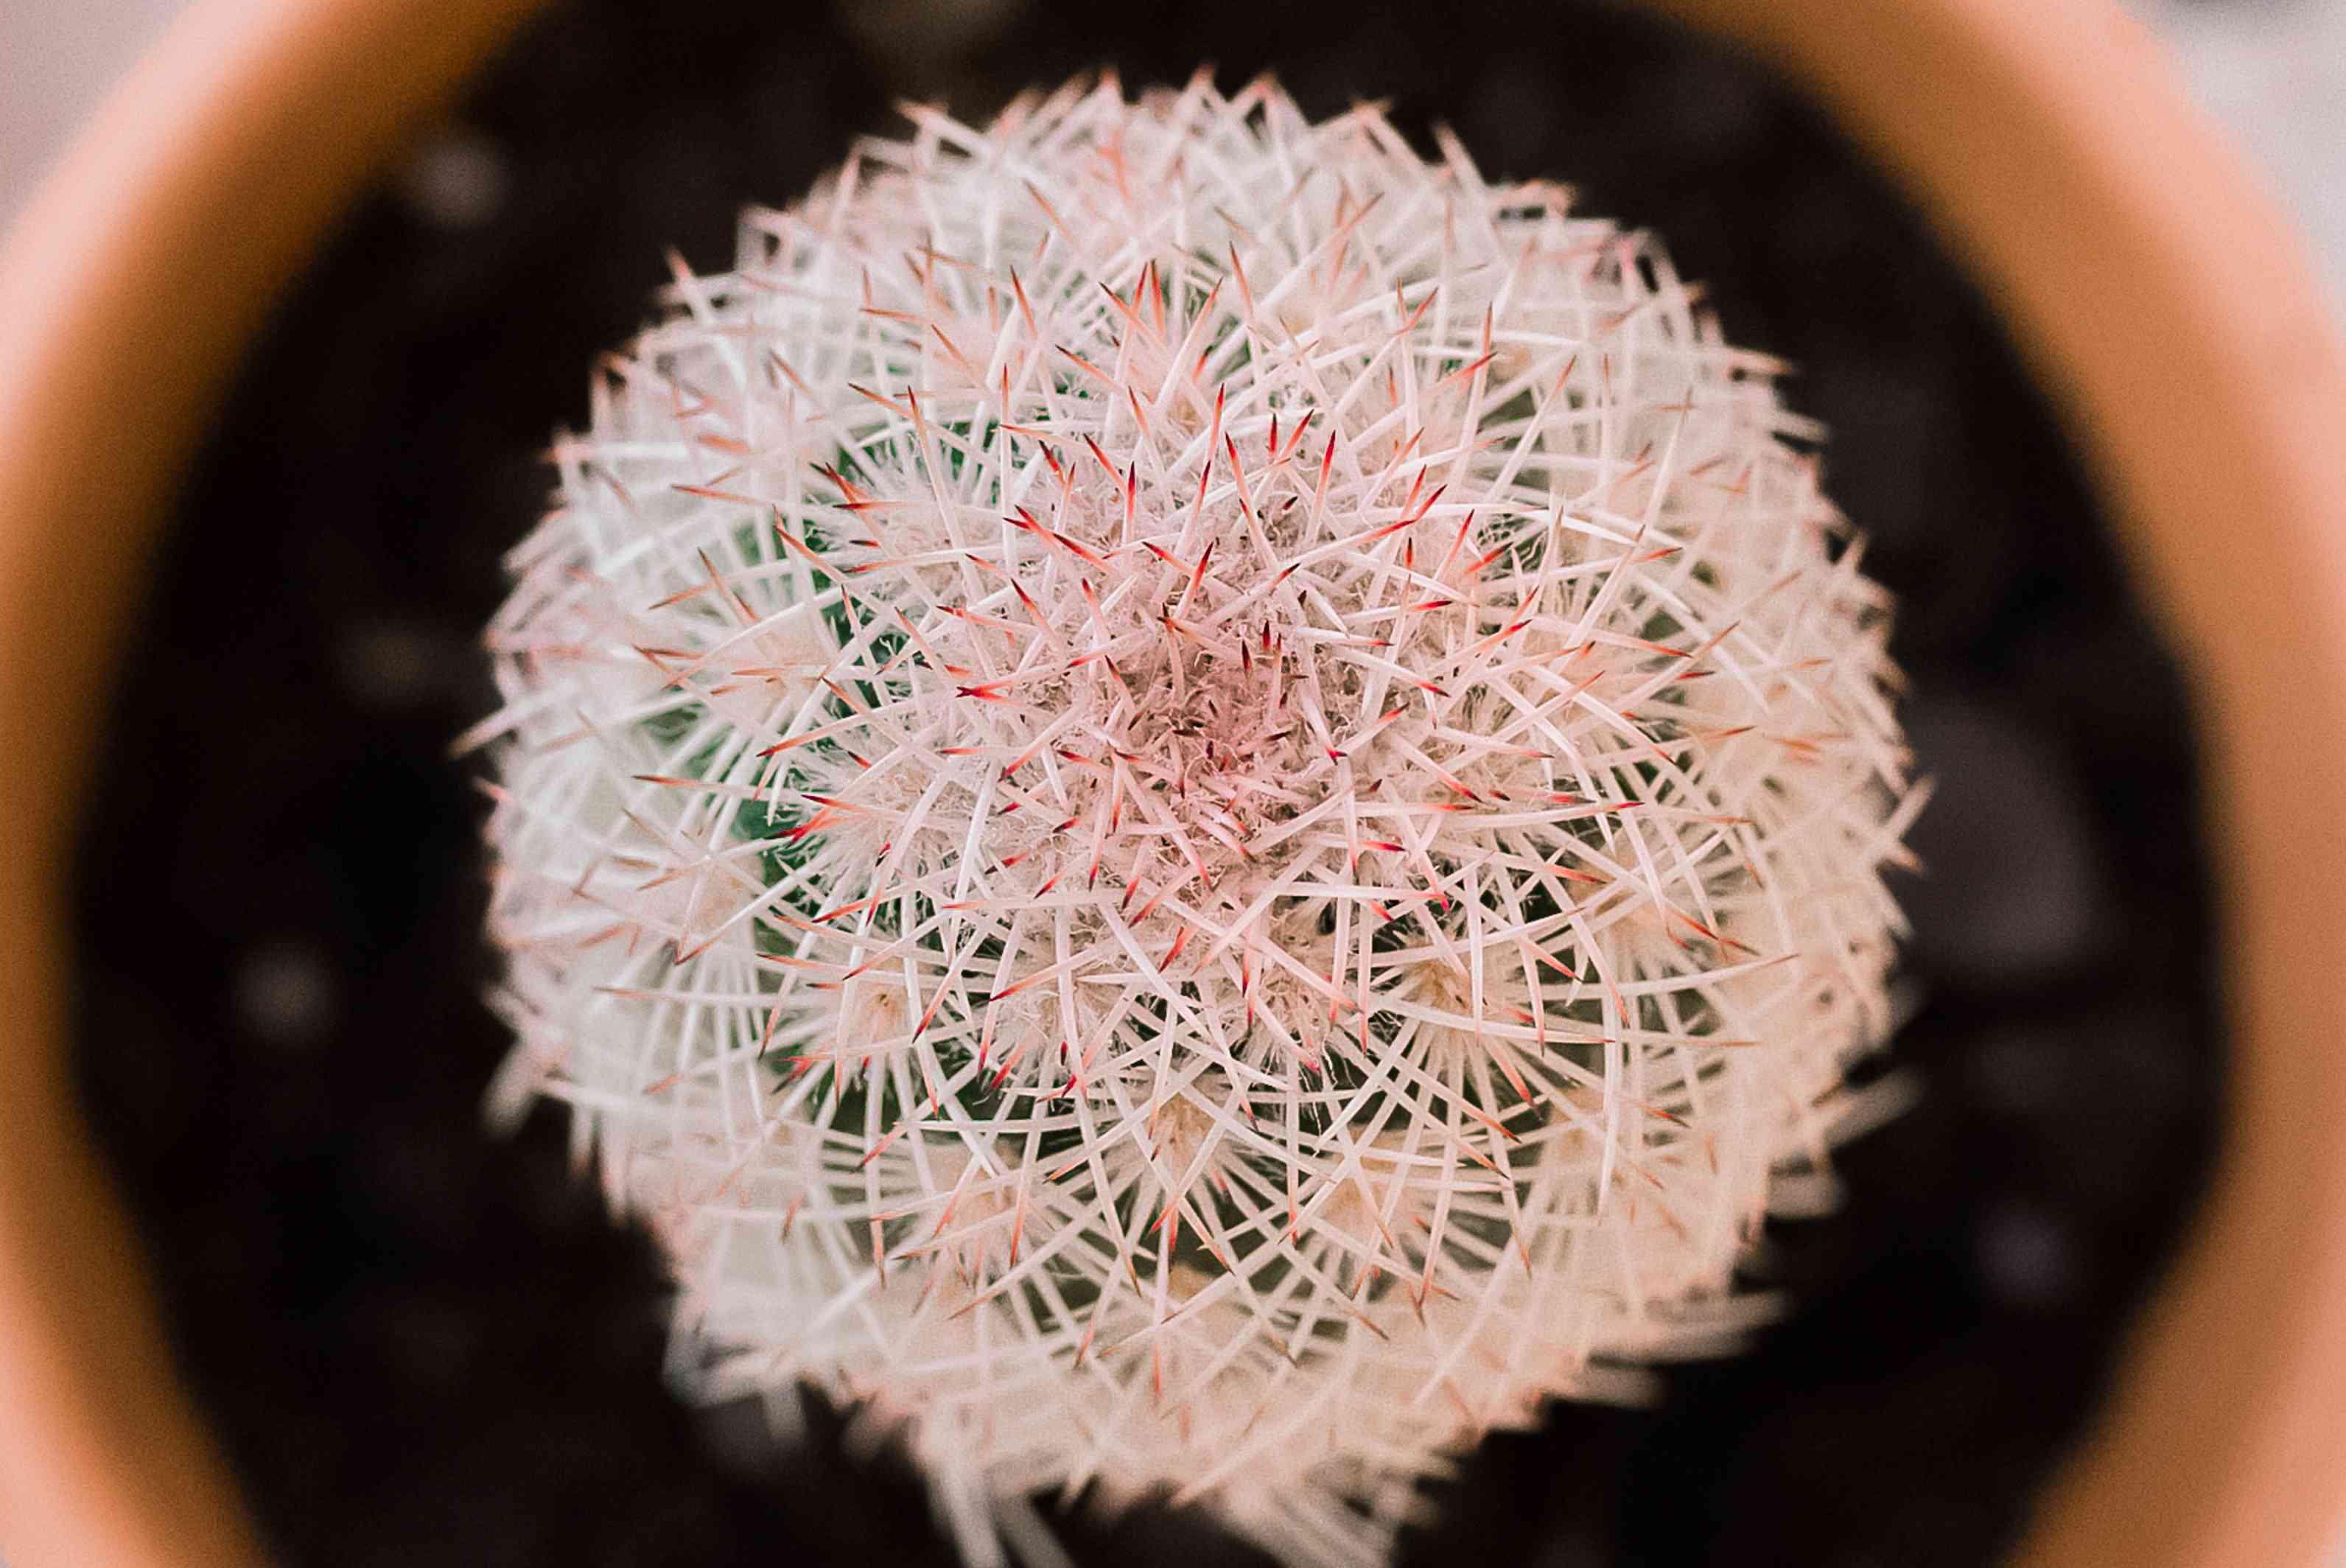 closeup of echinocereus cactus